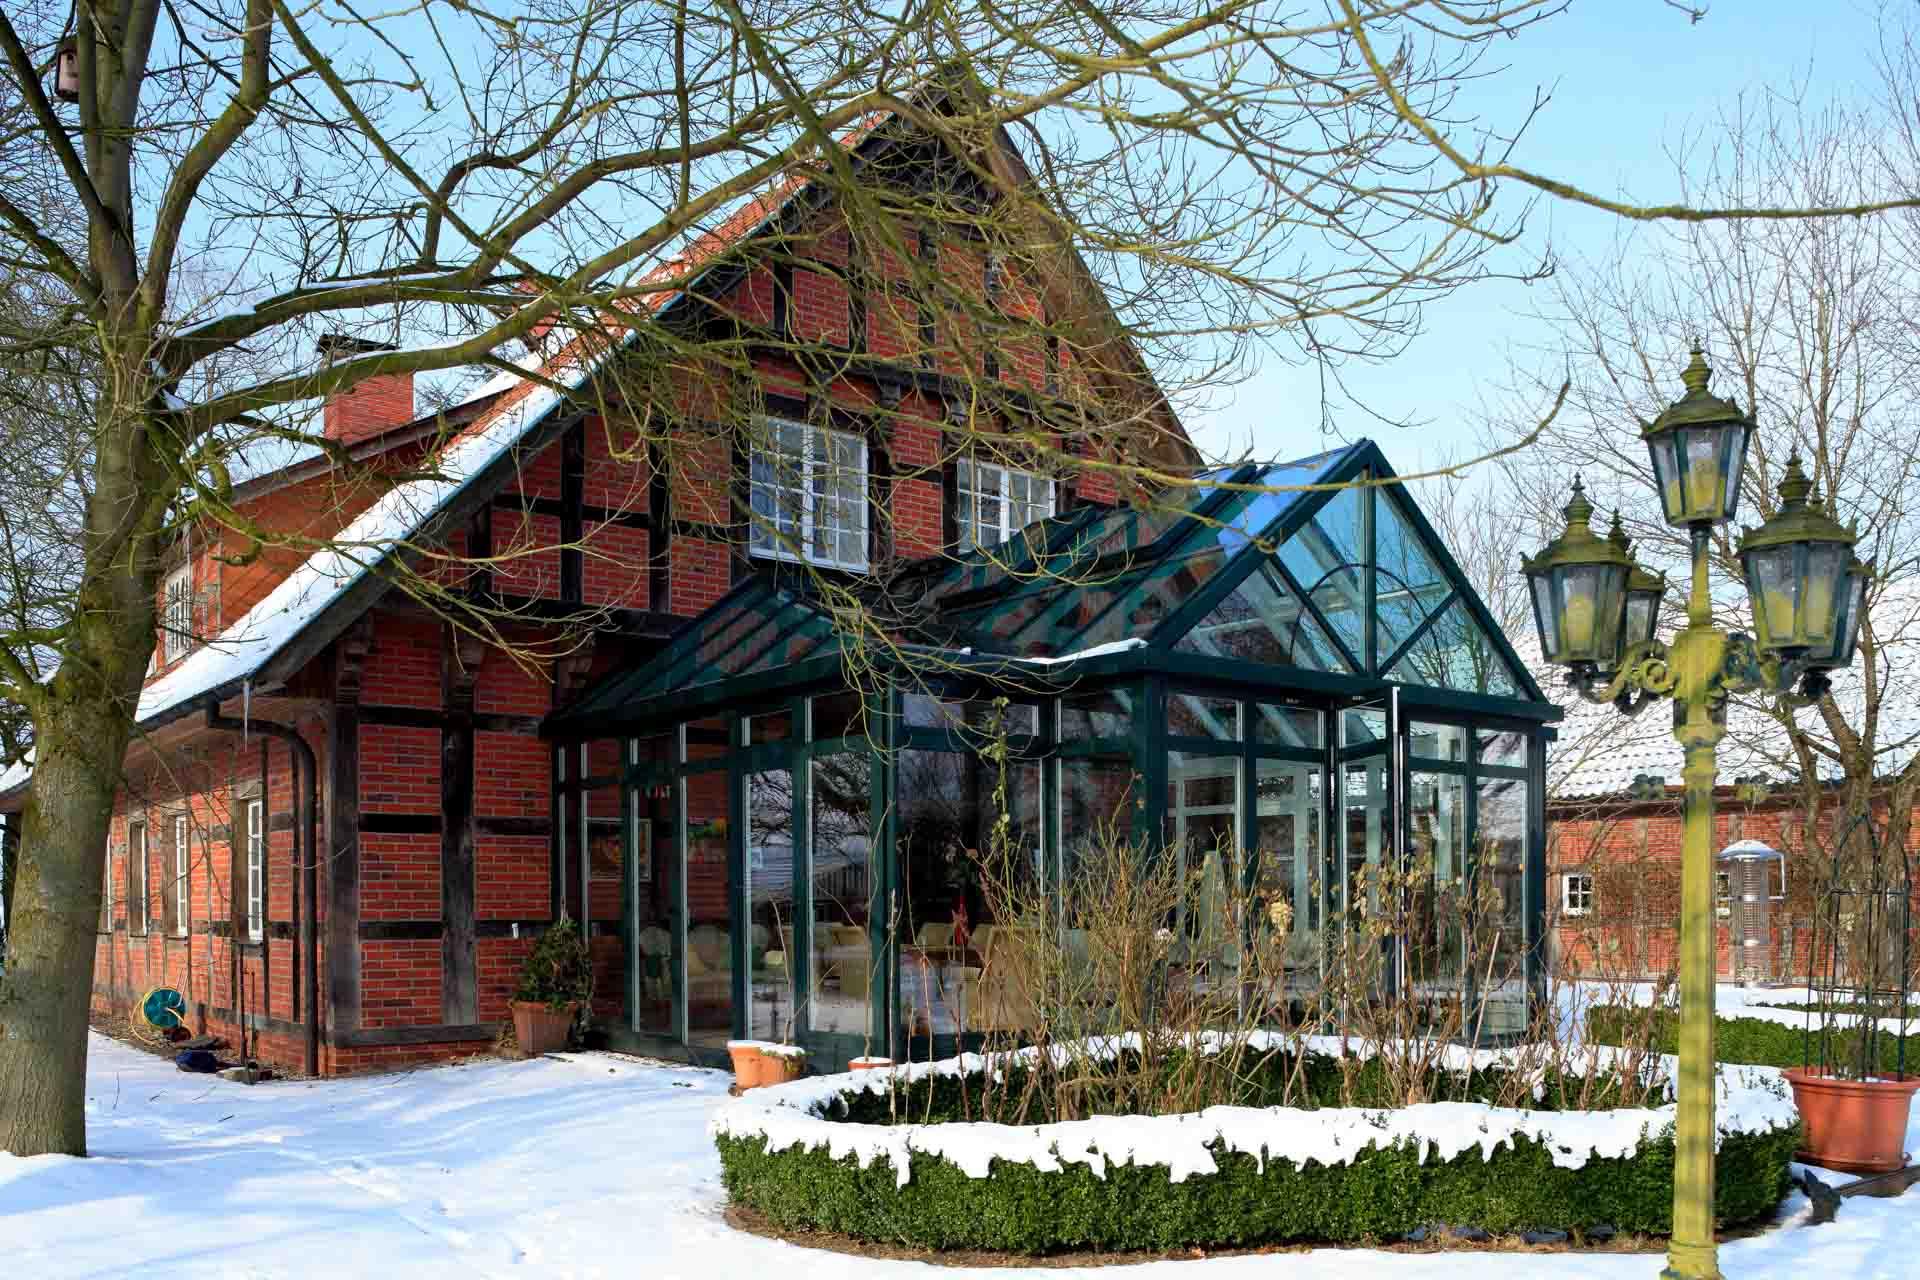 DecoArt Wintergarten in Nortrup (Objekt 827). Dieser Wintergarten in Nortrup (Objekt 827) besitzt ein Pultdach mit beidseitigem Walm und eingeschifftem Satteldach